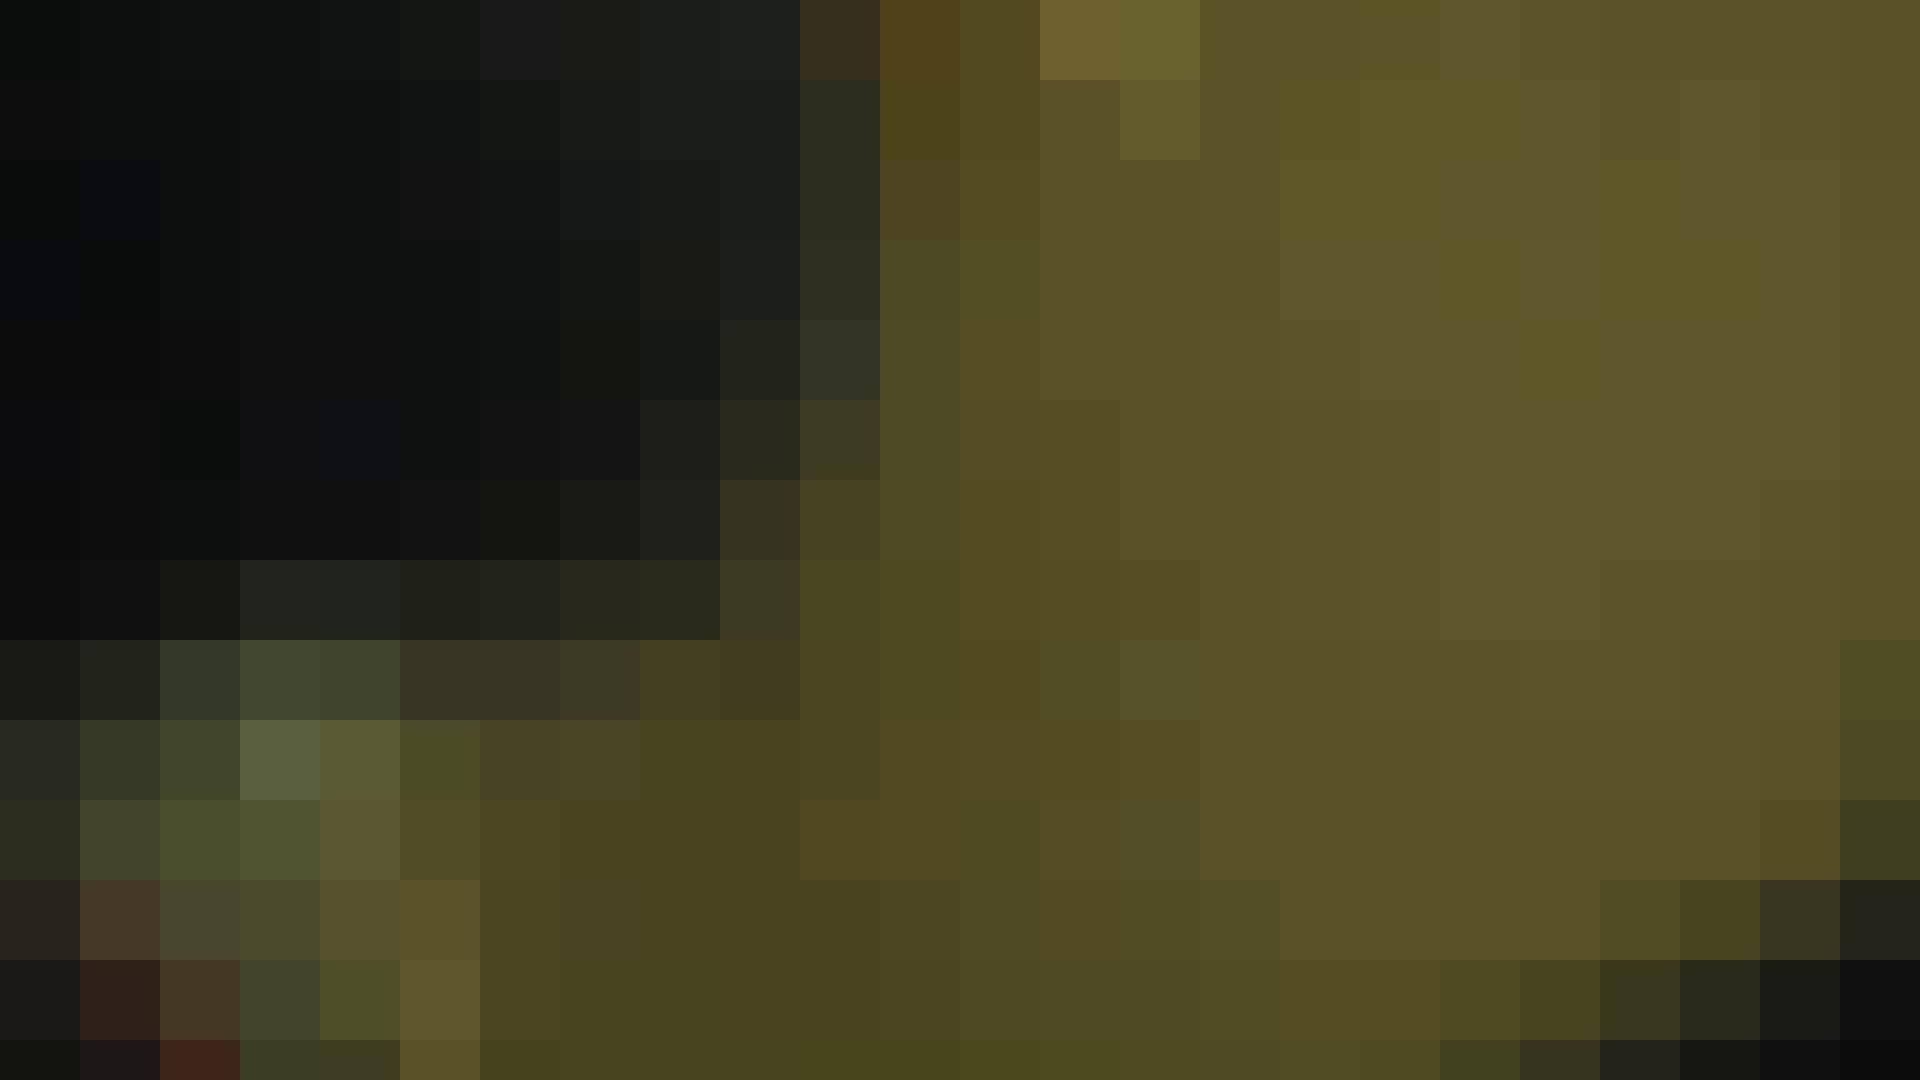 阿国ちゃんの「和式洋式七変化」No.18 iBO(フタコブ) 盛合せ すけべAV動画紹介 96画像 63